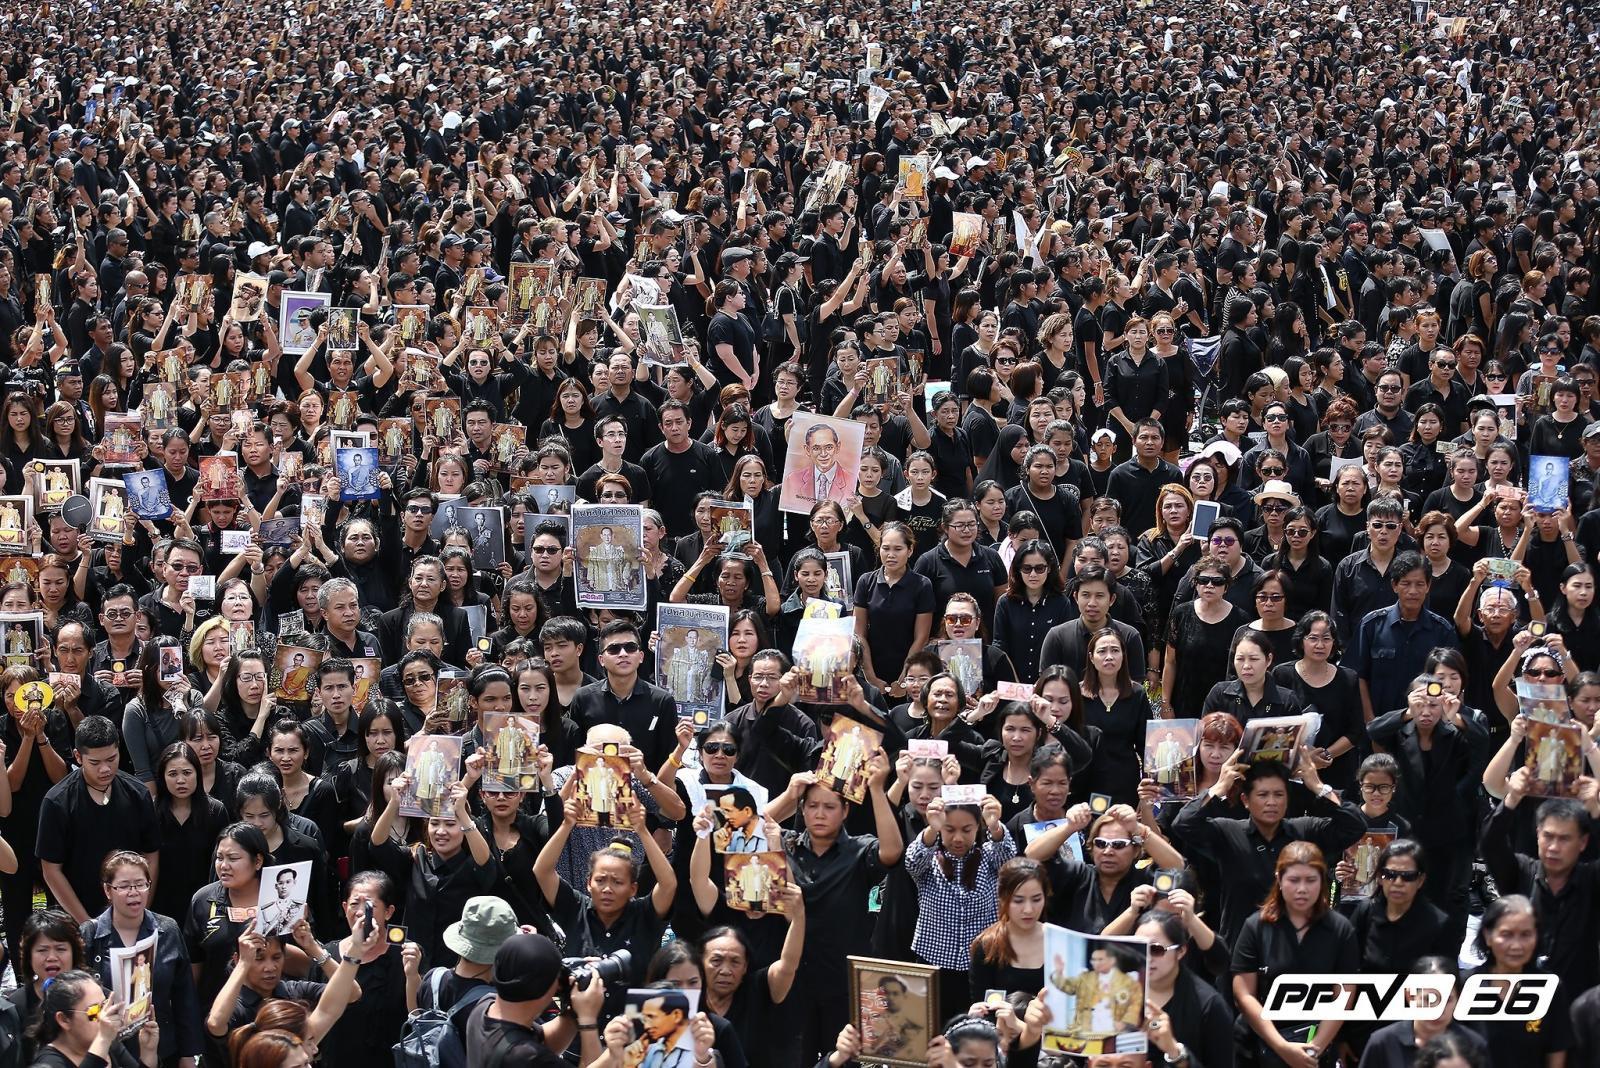 สุดยิ่งใหญ่! พสกนิกรชาวไทยซ้อมร้องเพลงสรรเสริญพระบารมี